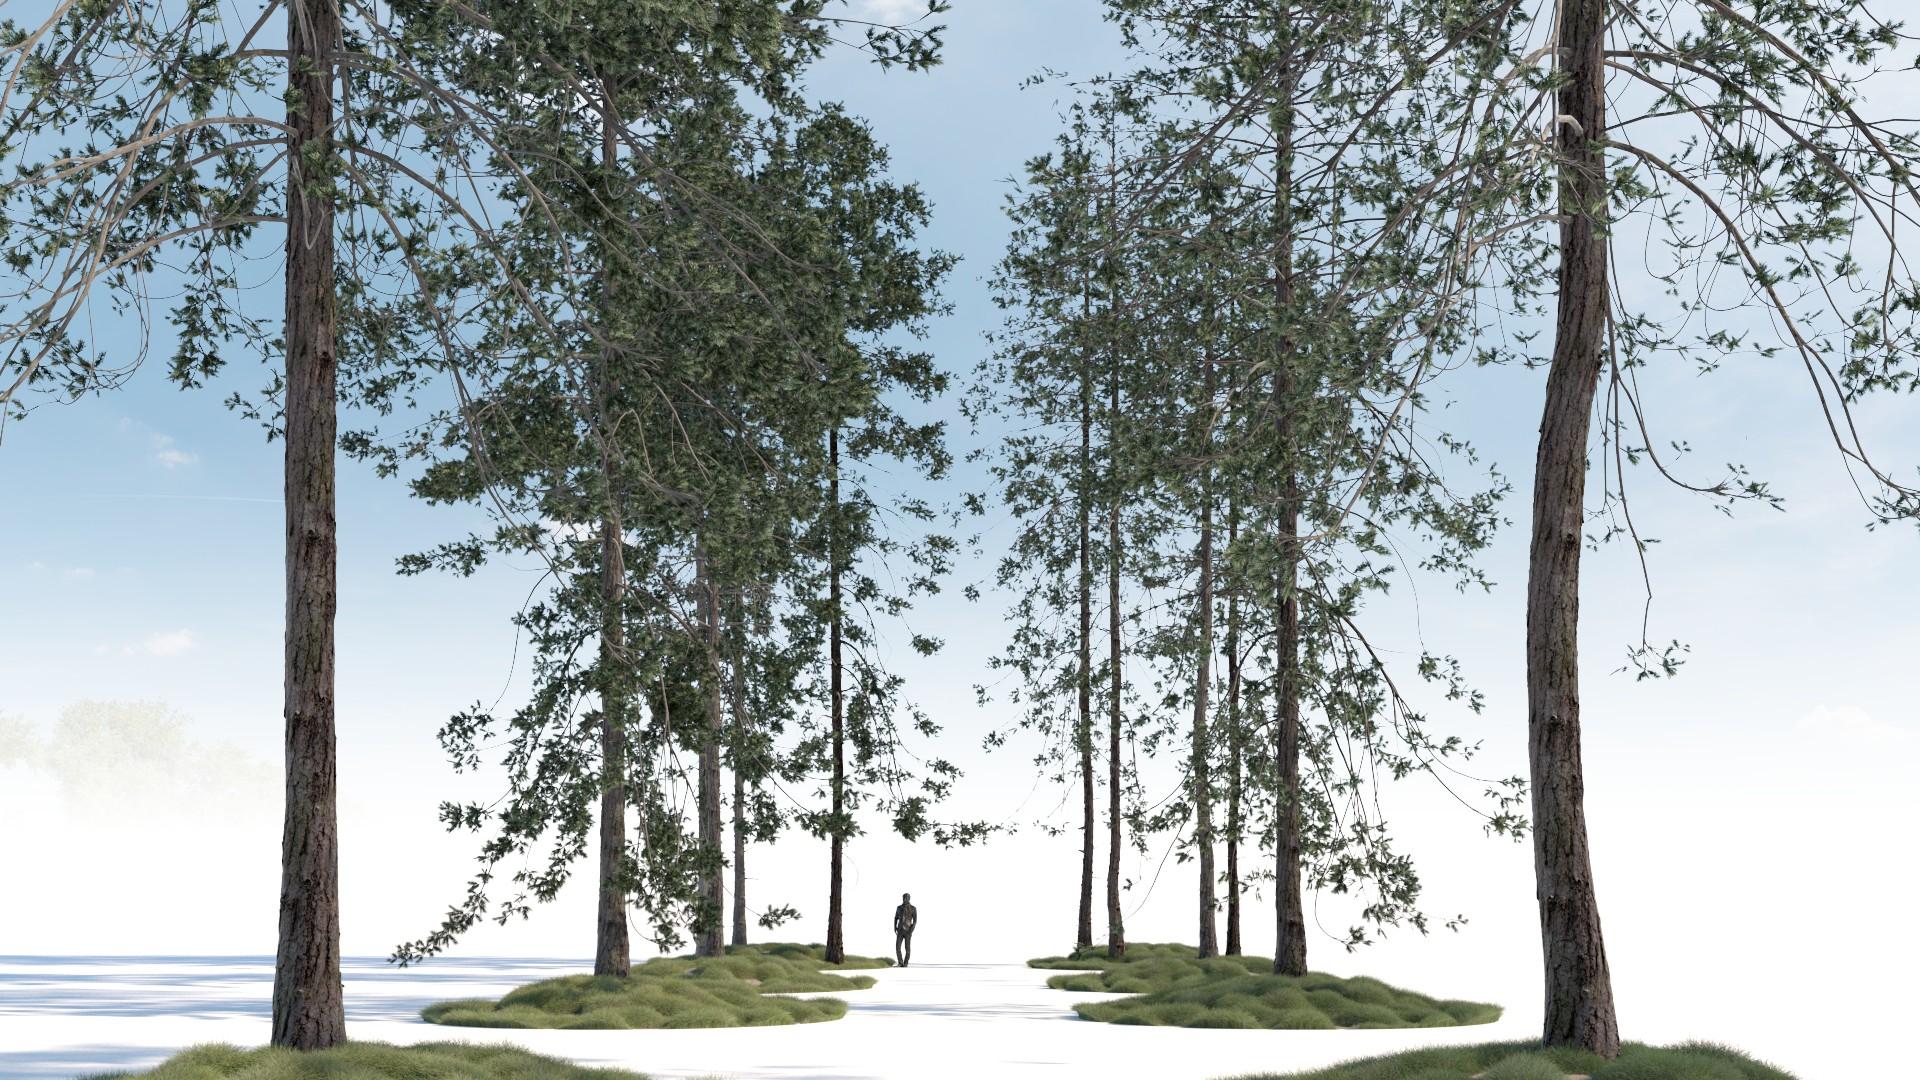 Tall conifers trees